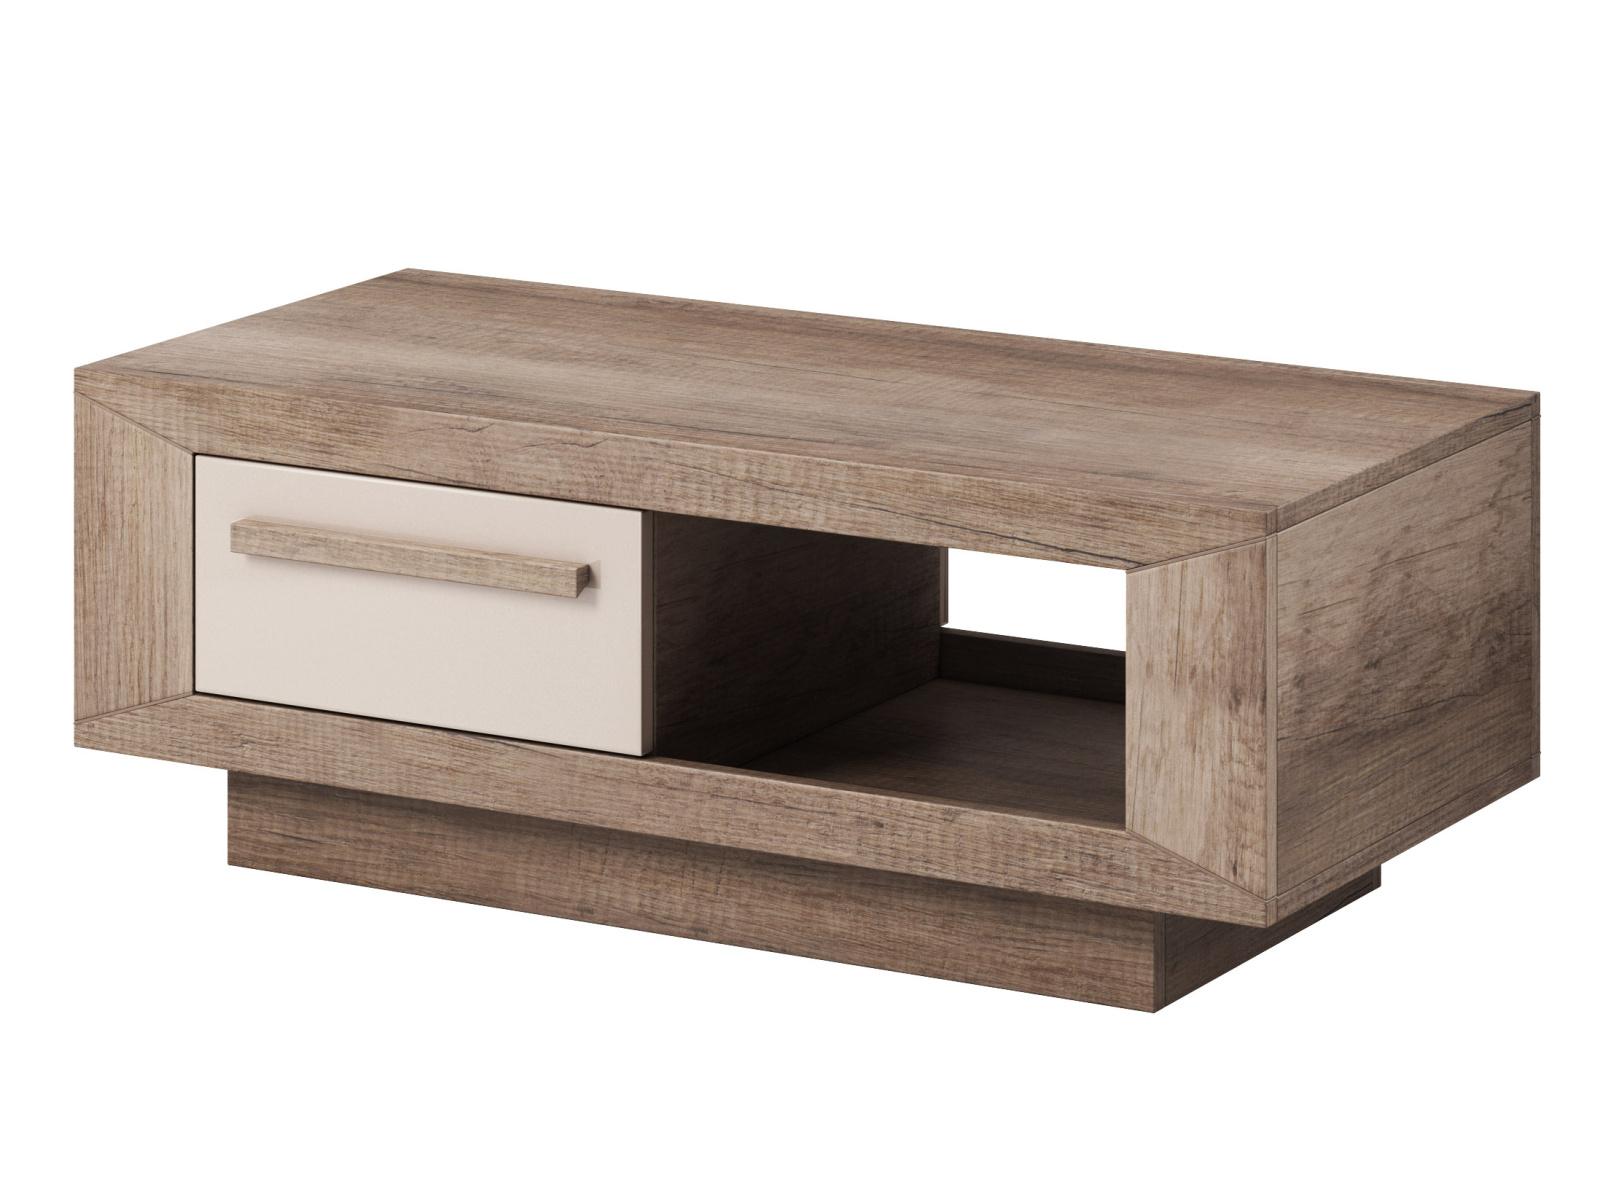 Smartshop LUMI konferenční stolek TYP 99, dub canyon monument/pískově šedý lesk